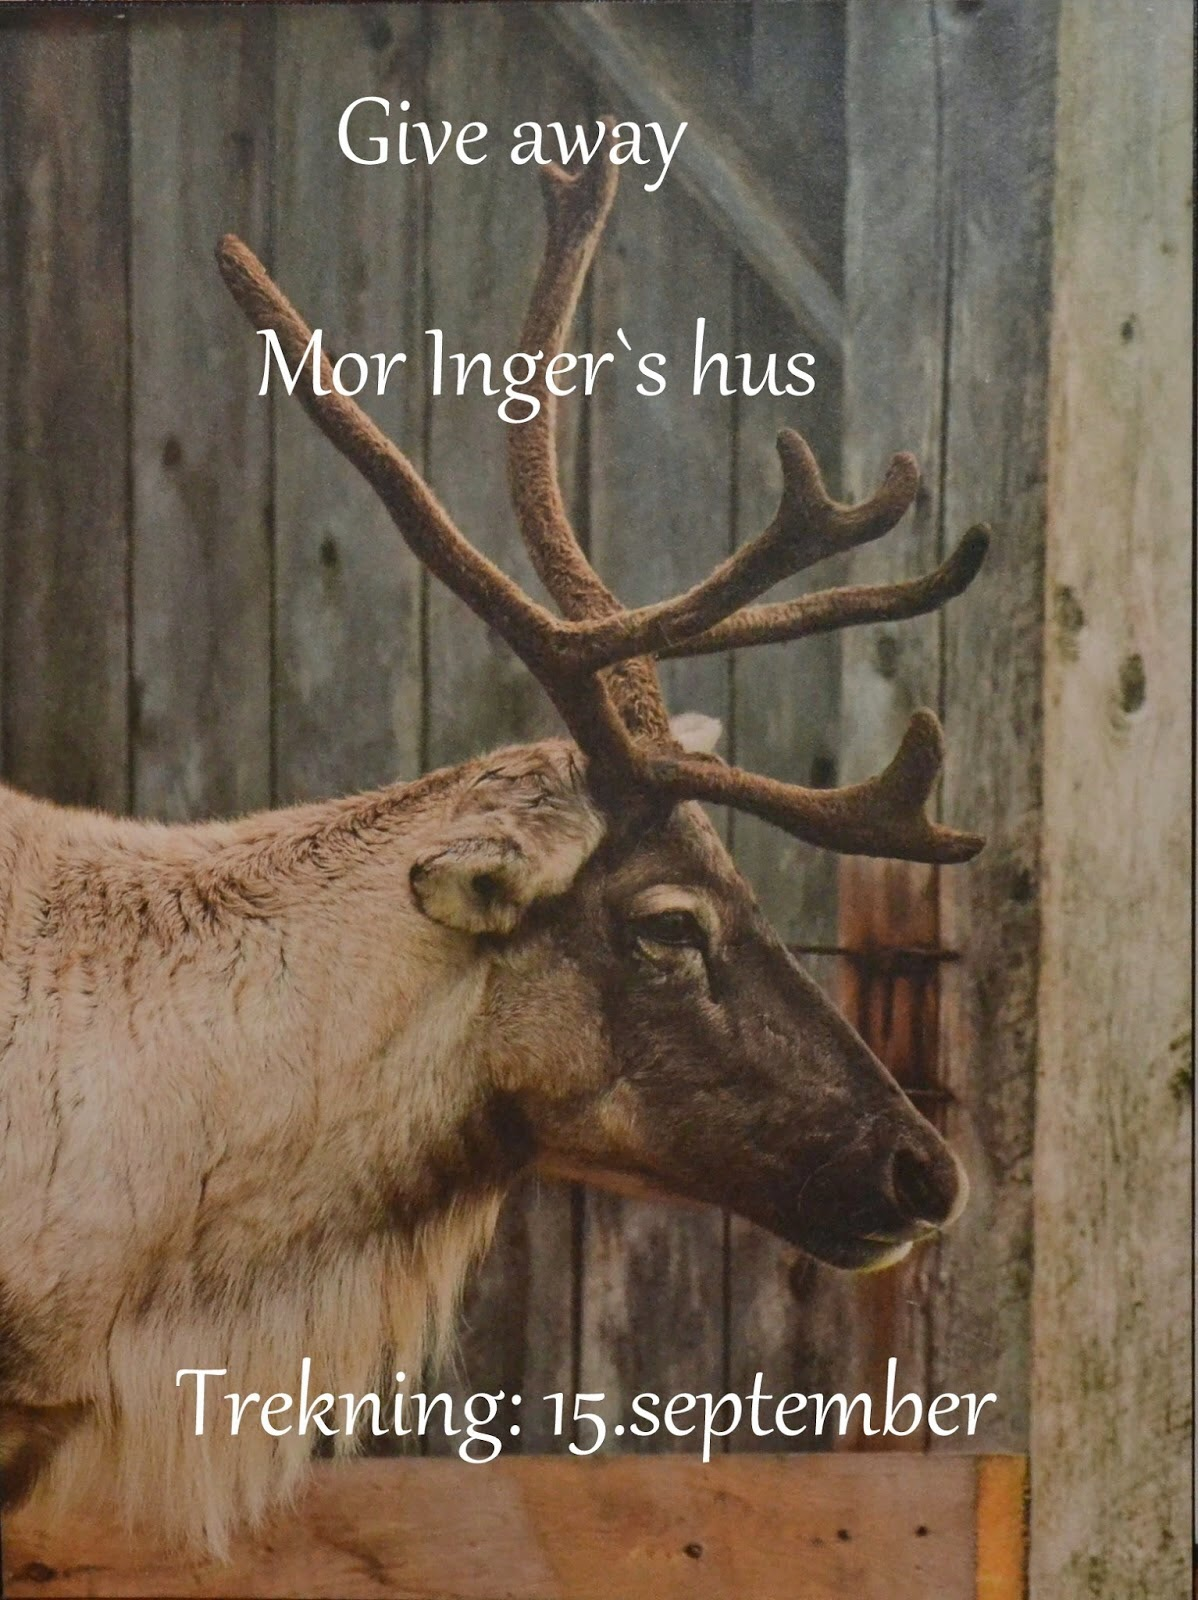 Give away Mor Inger's hus